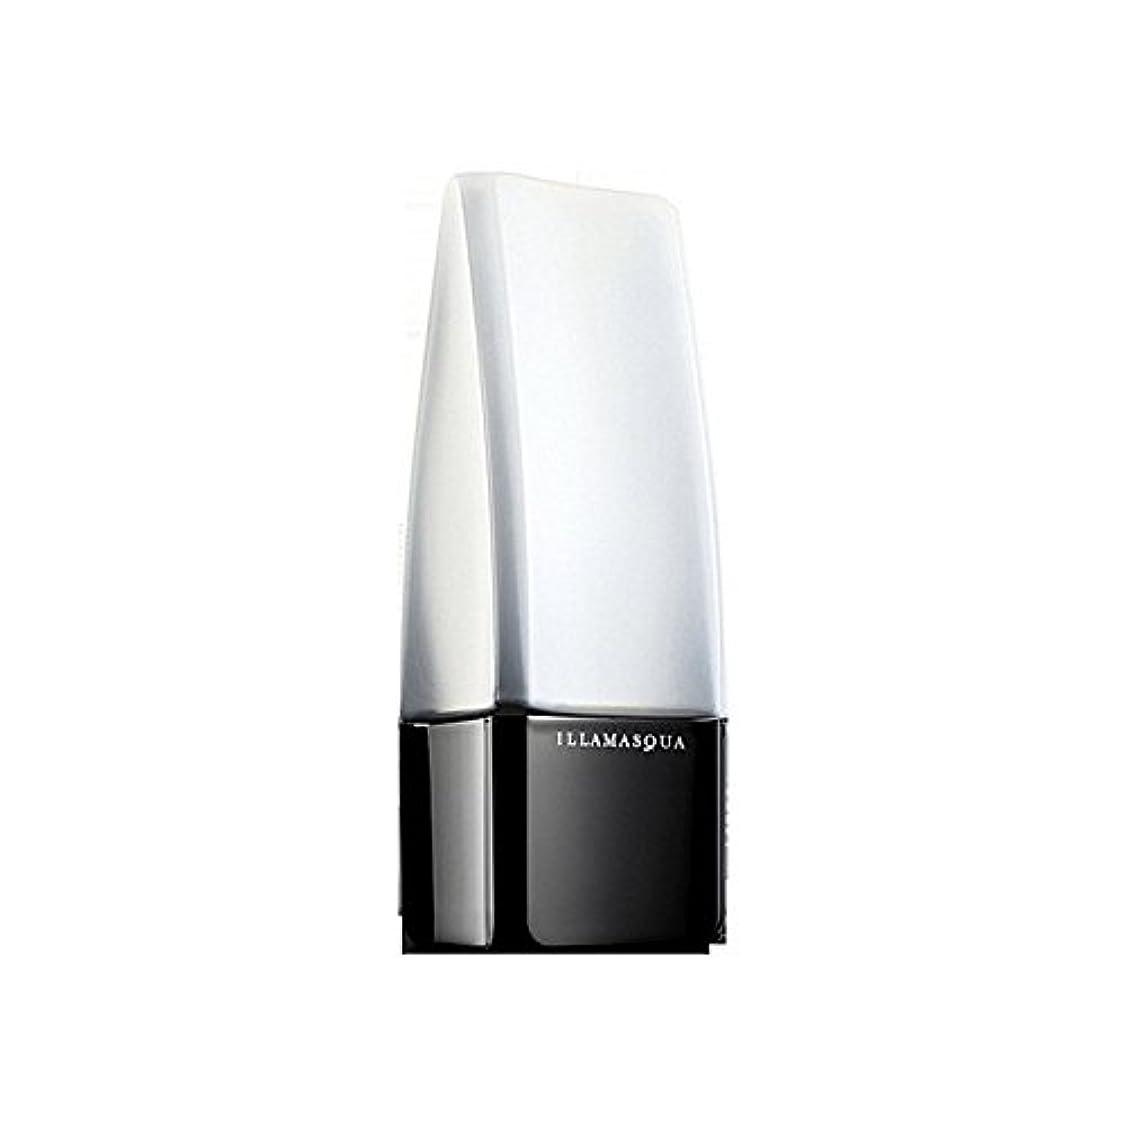 電気の揃える特異なIllamasqua Matt Primer Spf 20 30ml - マットプライマー 20 30ミリリットル [並行輸入品]